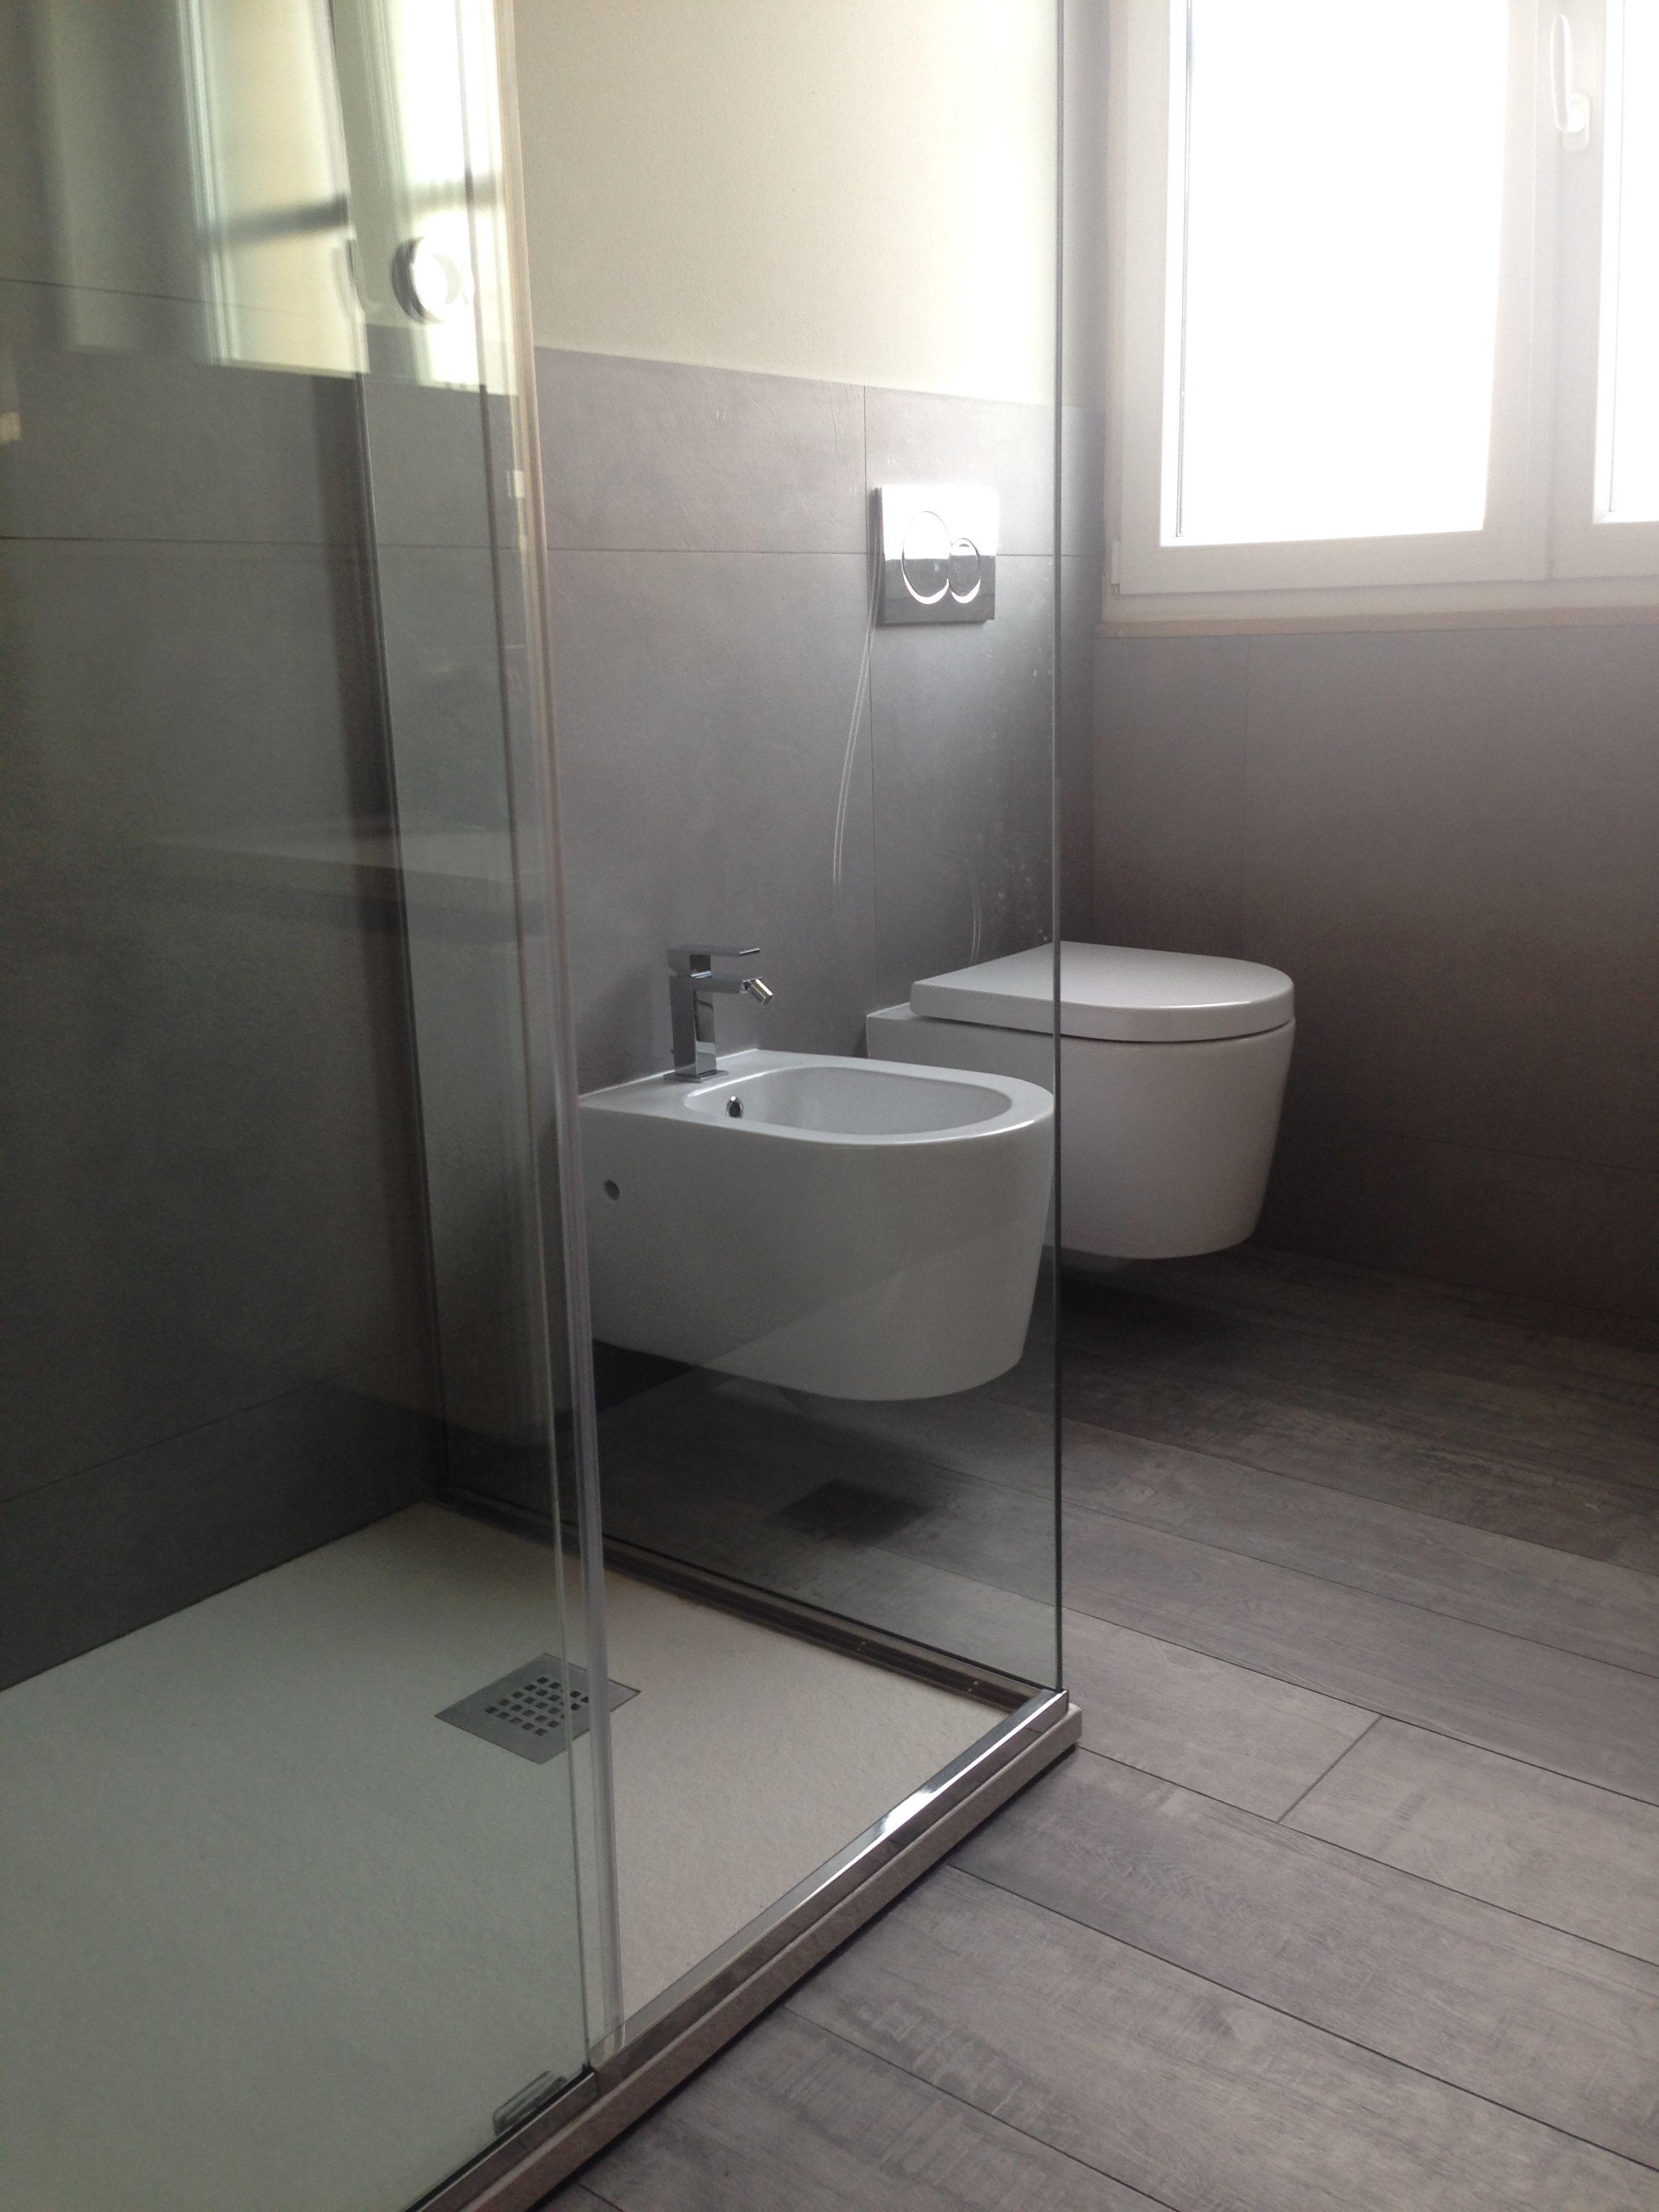 Progetti bagni moderni great bagno moderno pavimento bark for Progetti bagni moderni